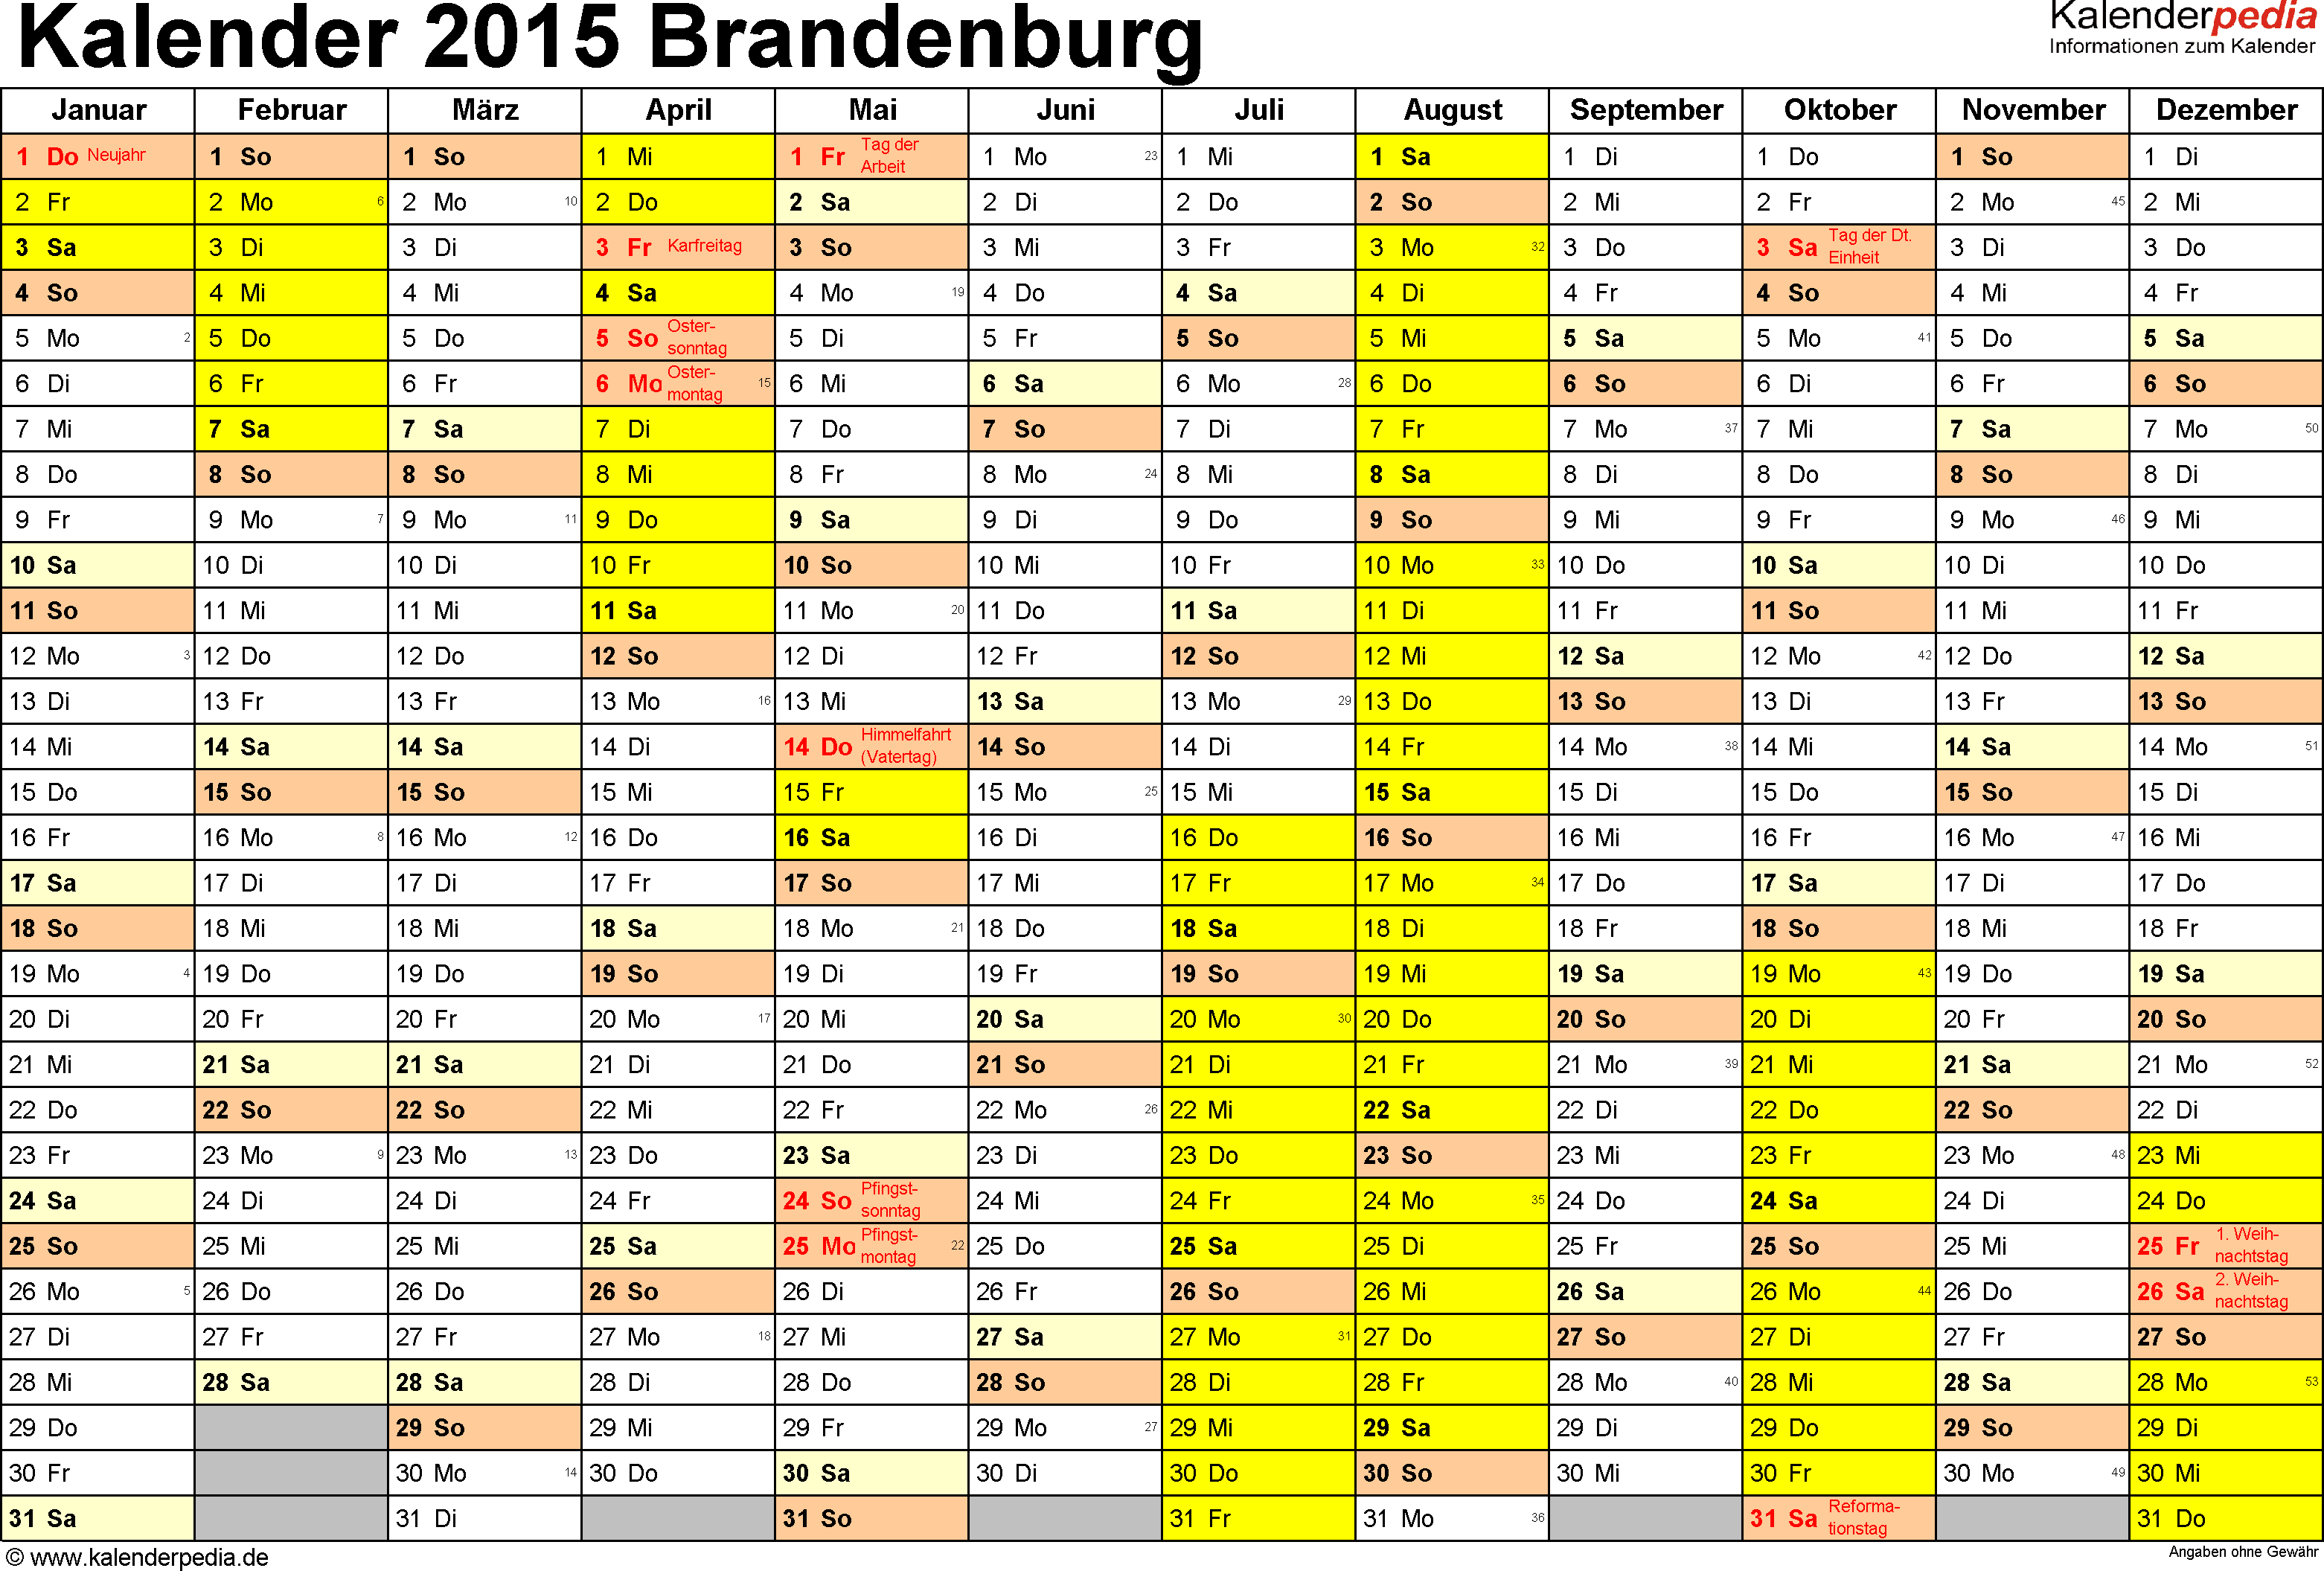 Vorlage 1: Kalender 2015 für Brandenburg als Word-Vorlagen (Querformat, 1 Seite)